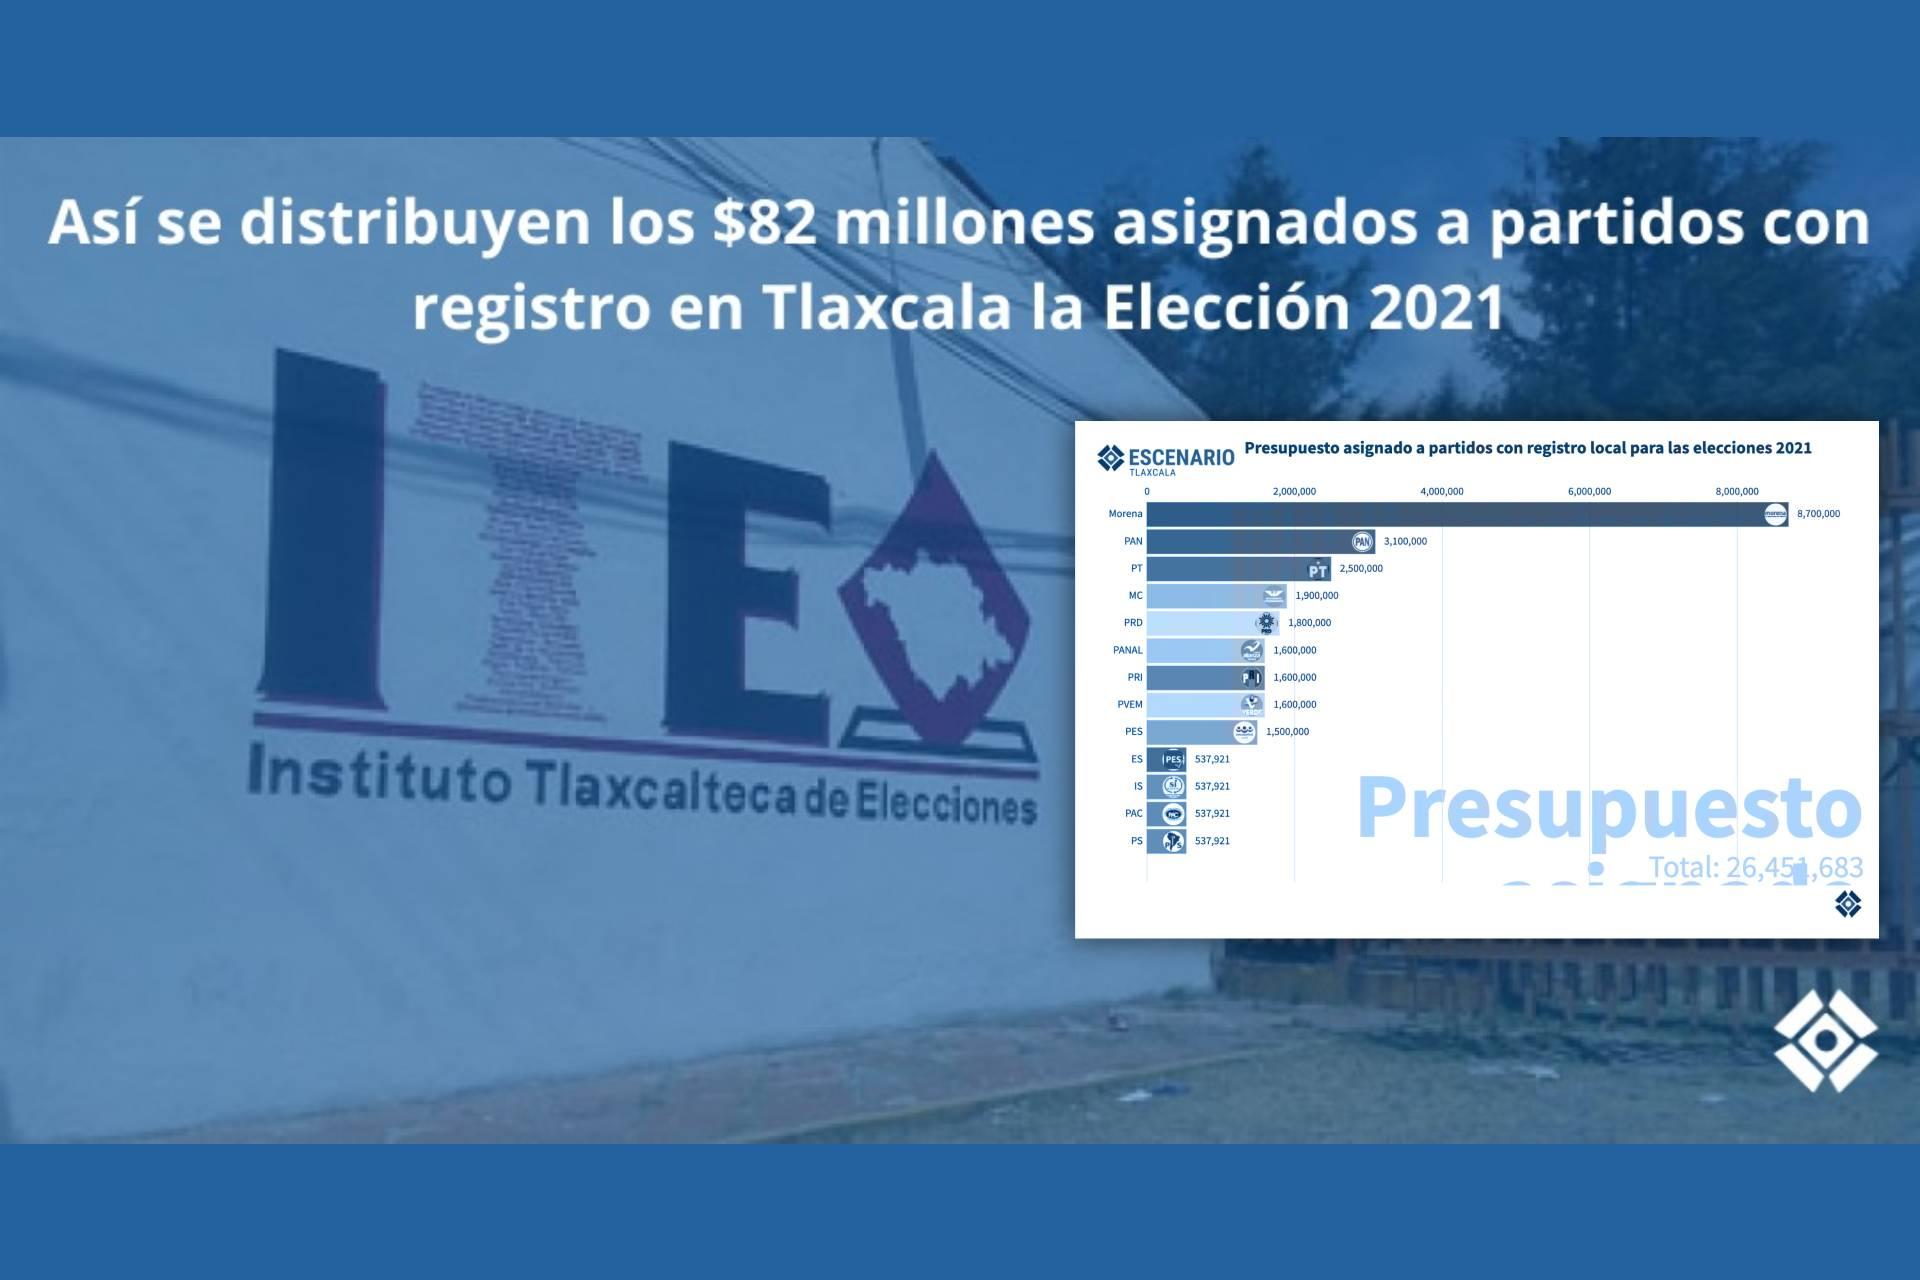 presupuesto-elecciones-2021-partidos-politicos-tlaxcala.